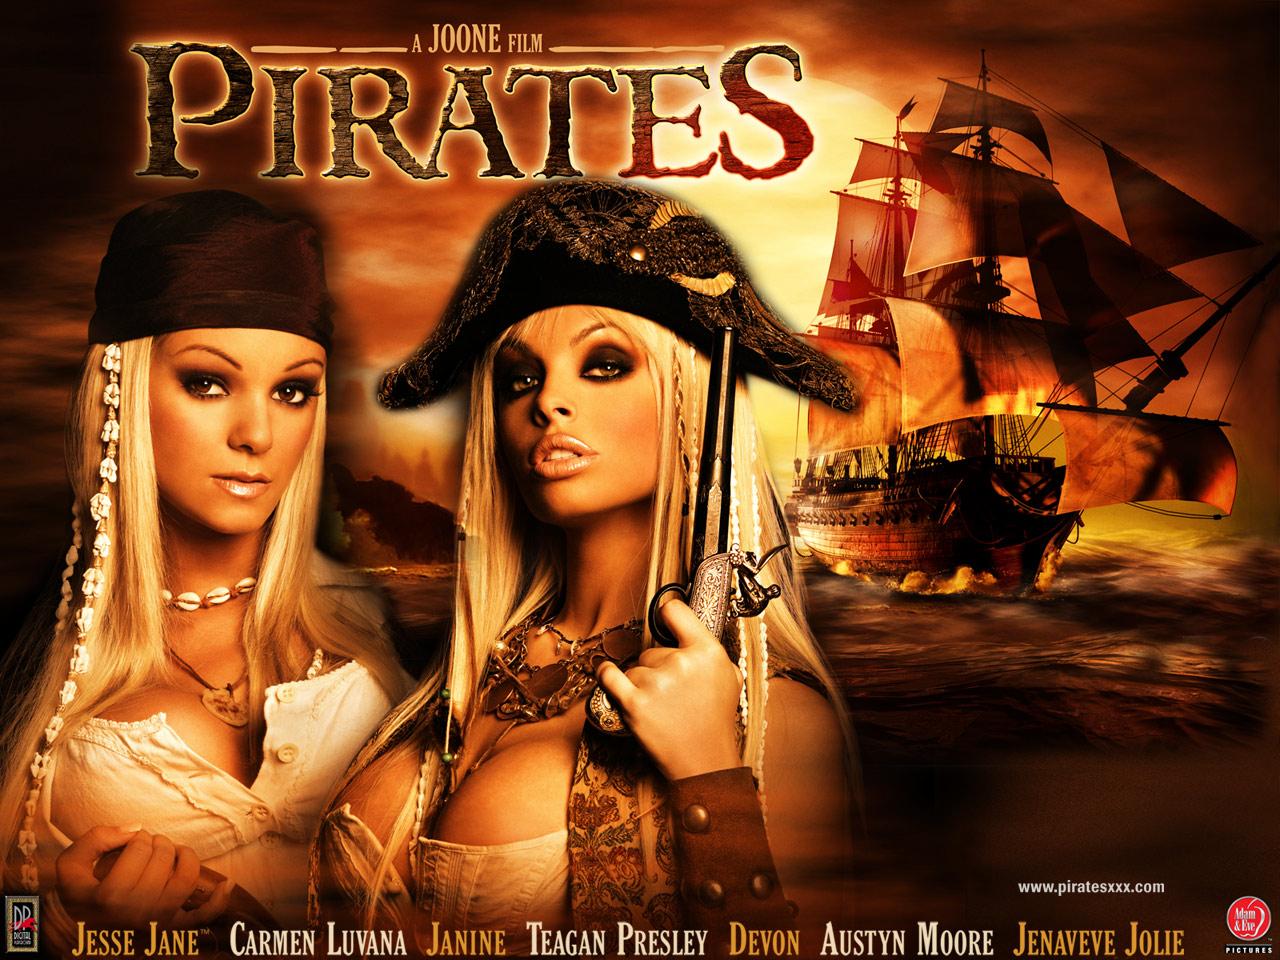 神鬼騎航 Pirates XXX